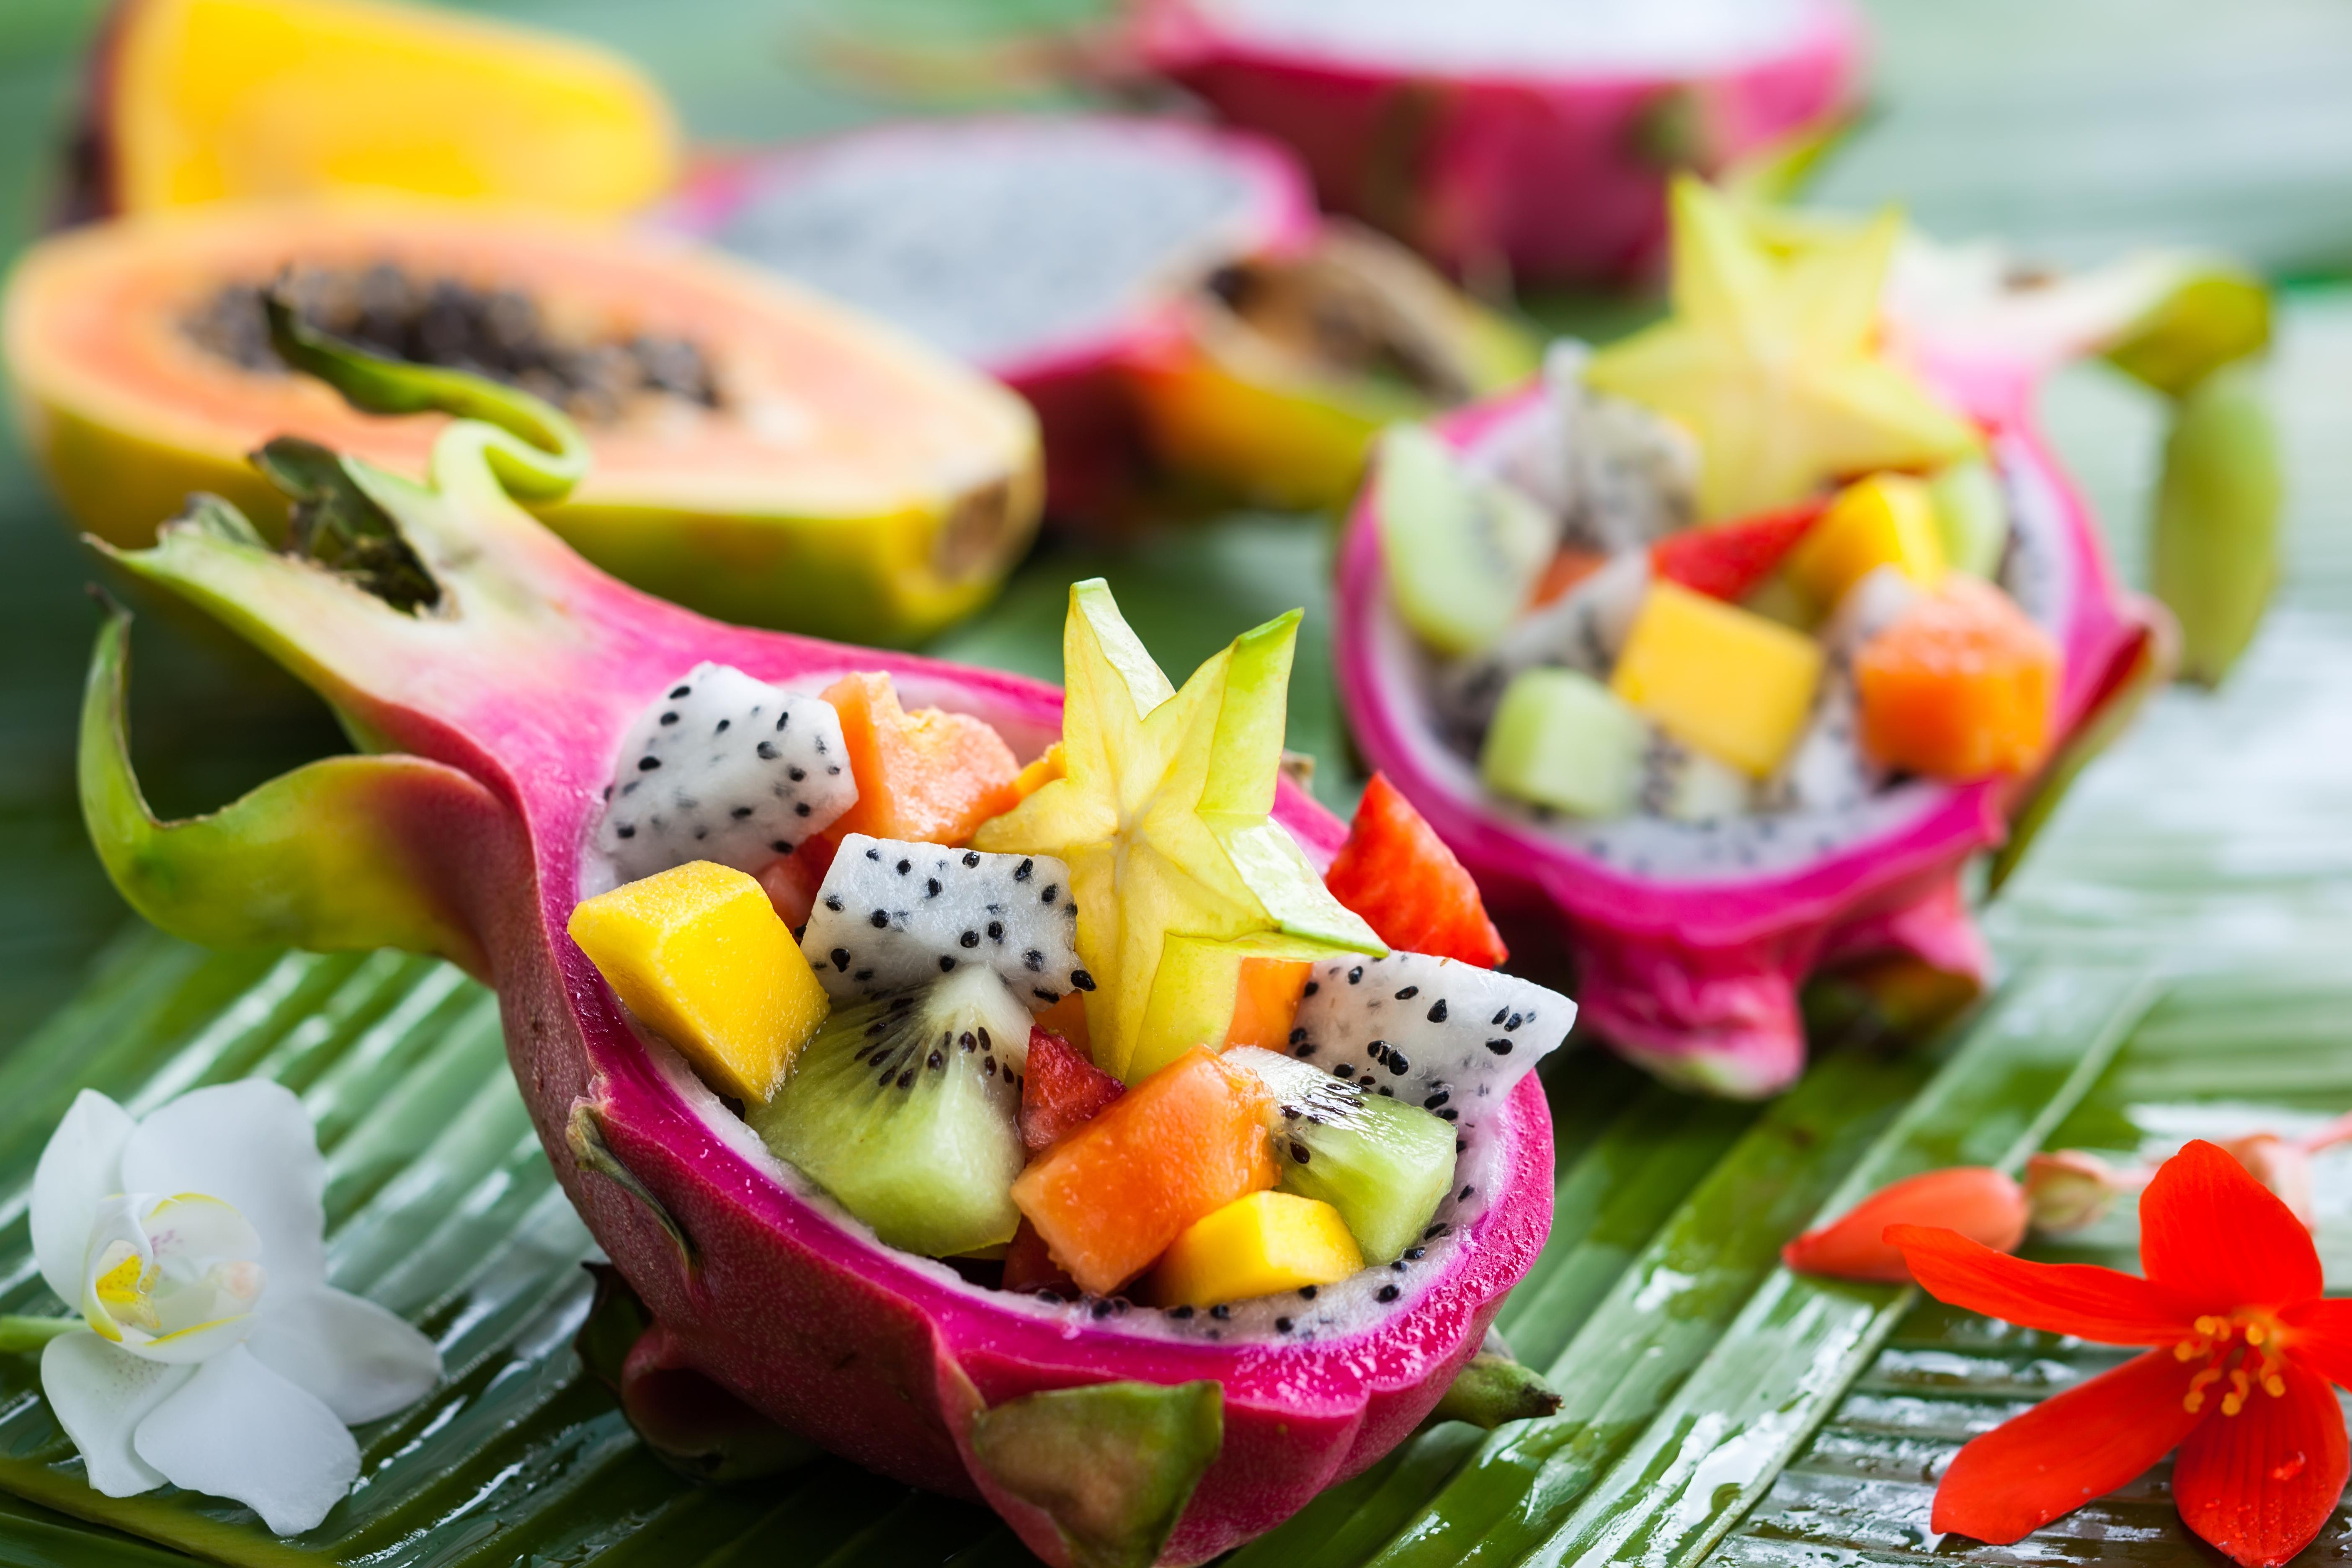 Exotic fruit salad served in half a drag